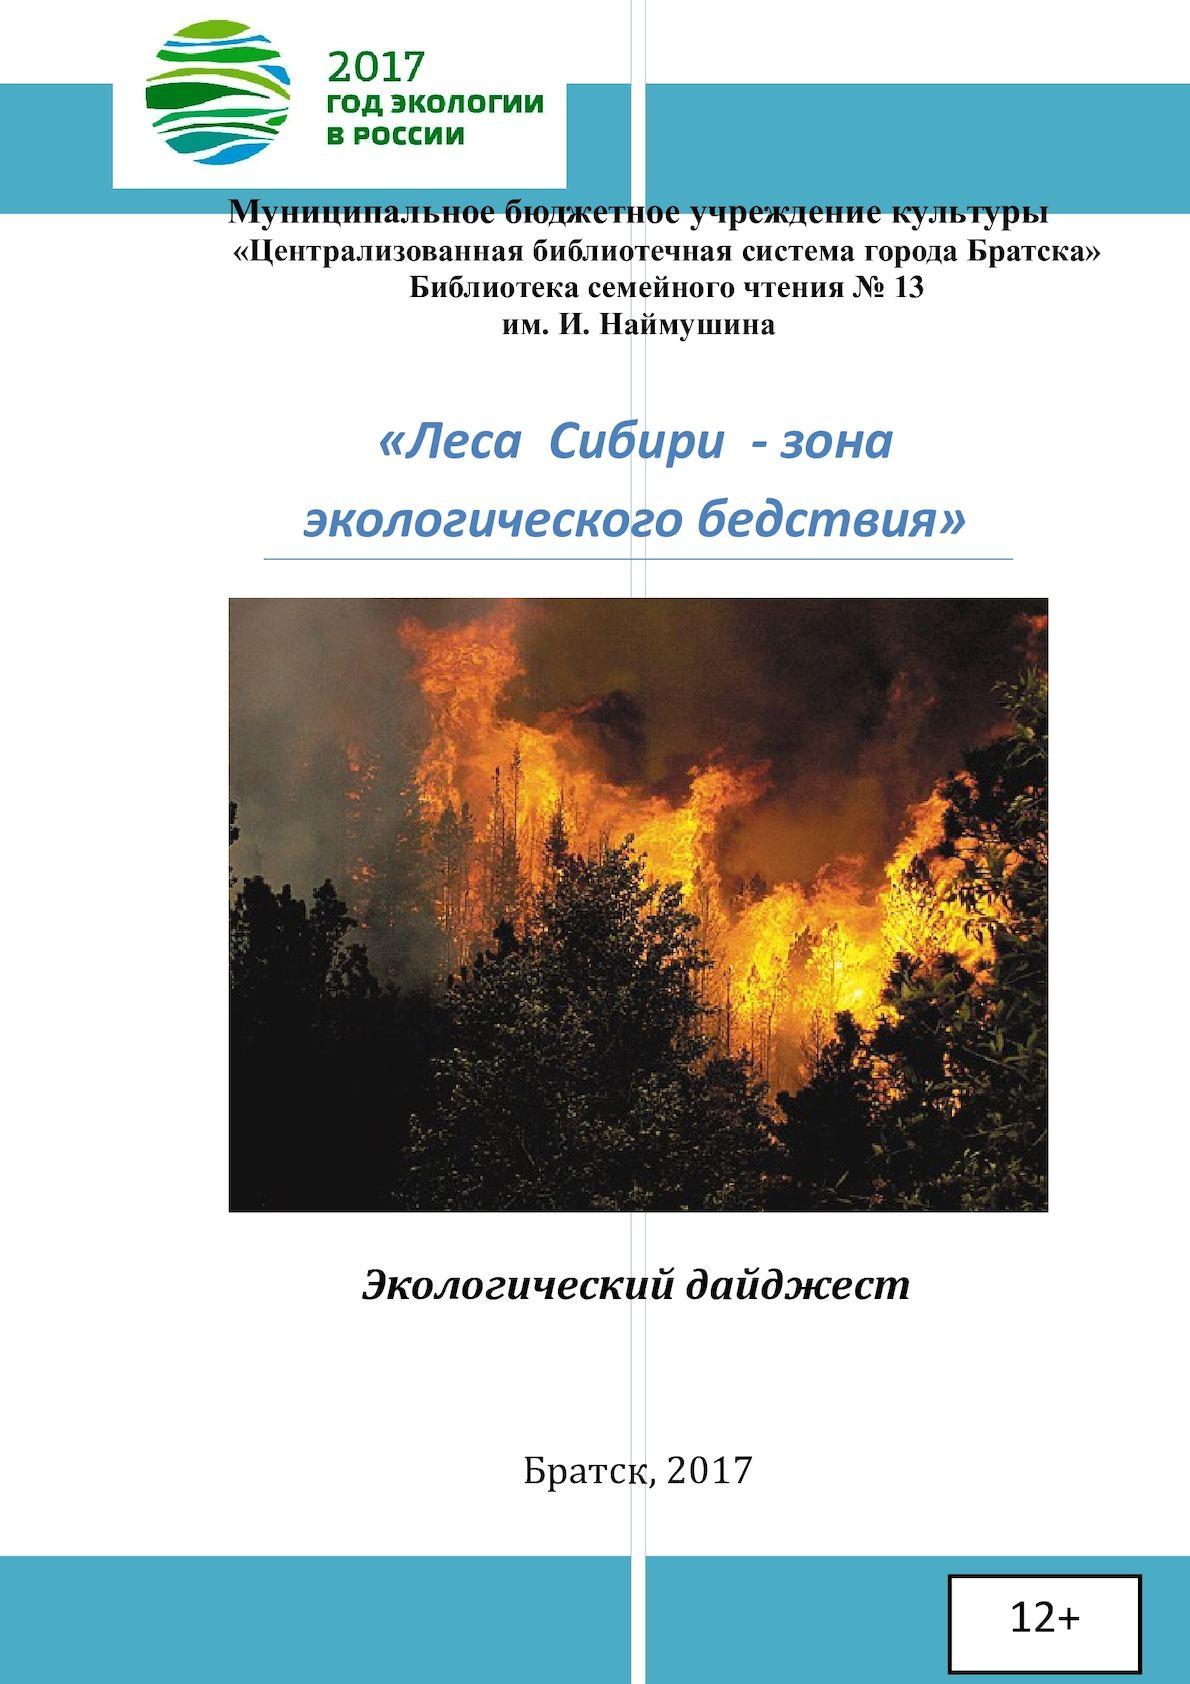 Бедствия попадают новые зоны тушение природных пожаров